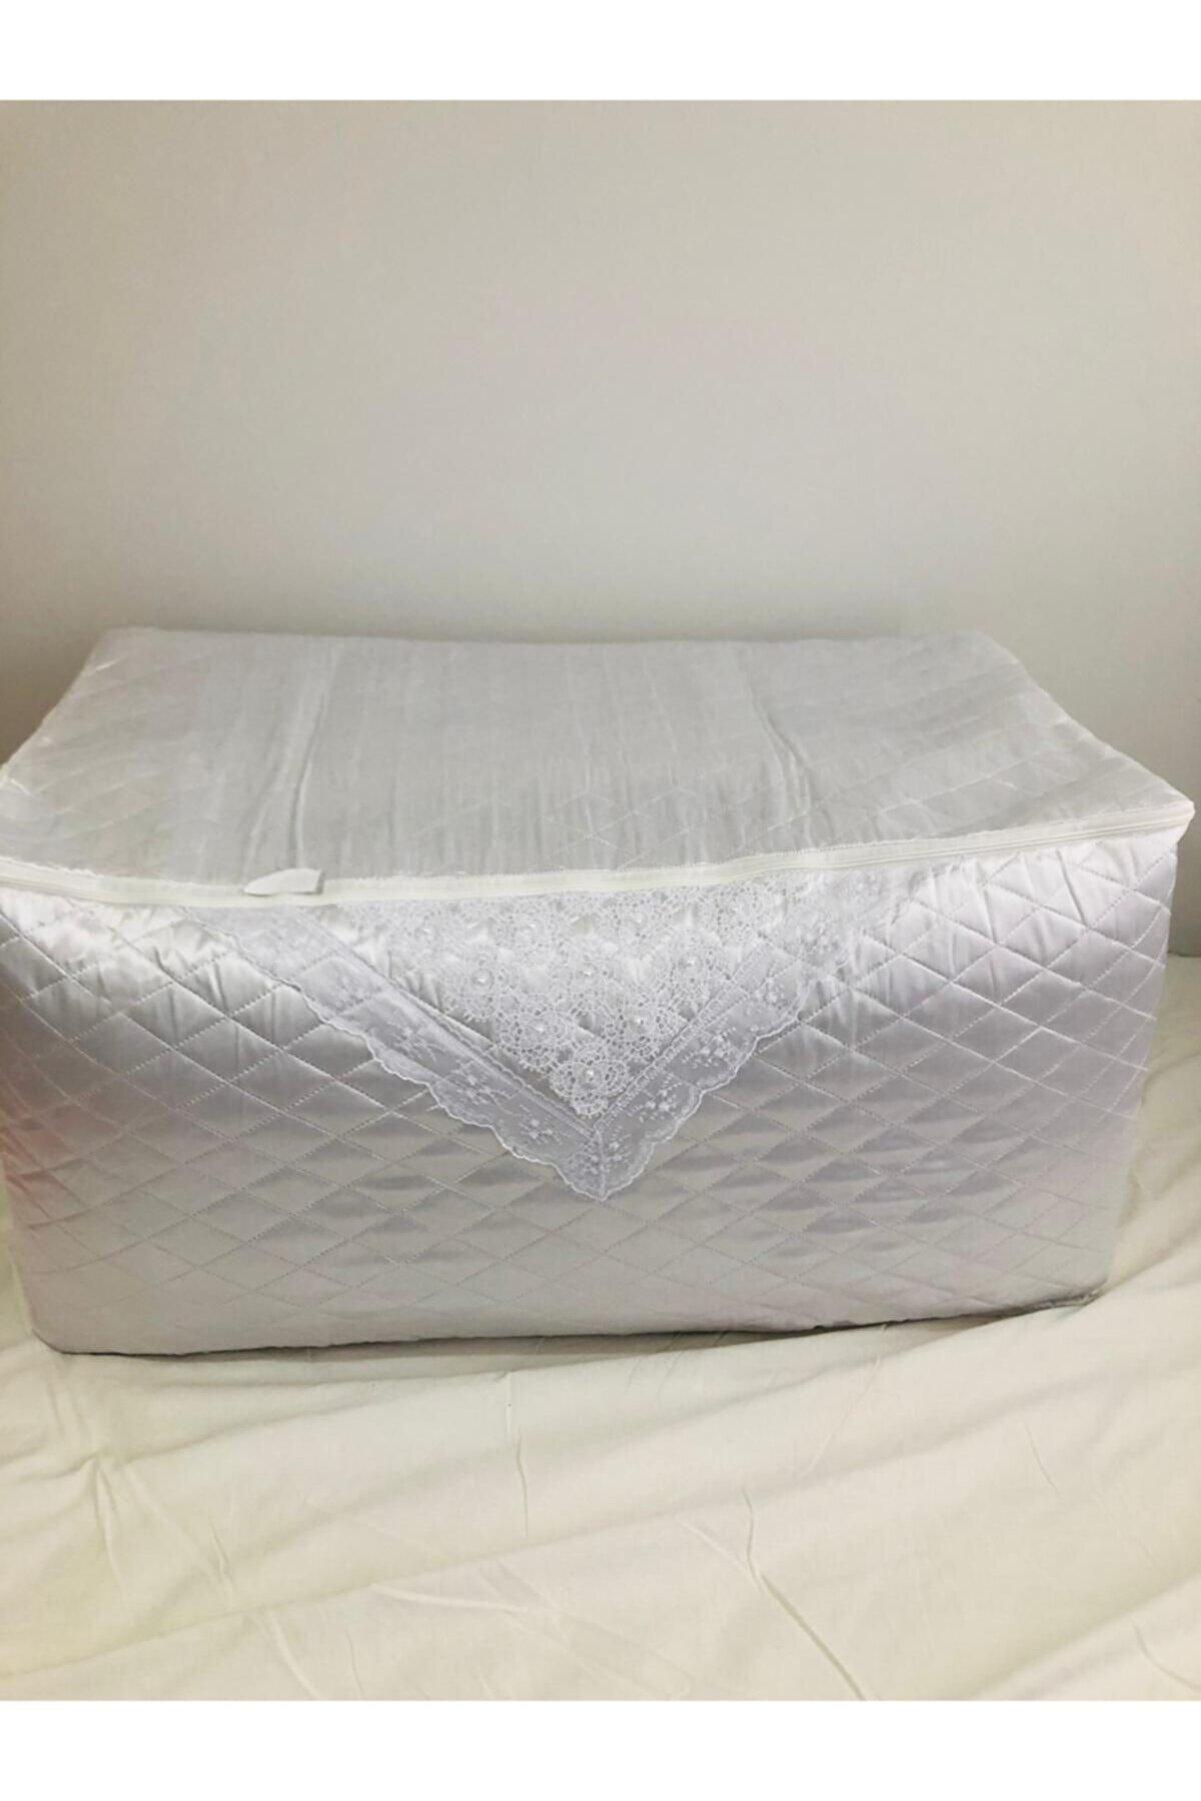 Işık Tekstil Yorgan Hurcu Incili Saten Çeyizlik Beyaz Rengi 2 Adet 50x50x100 Ölç.büyük Boy